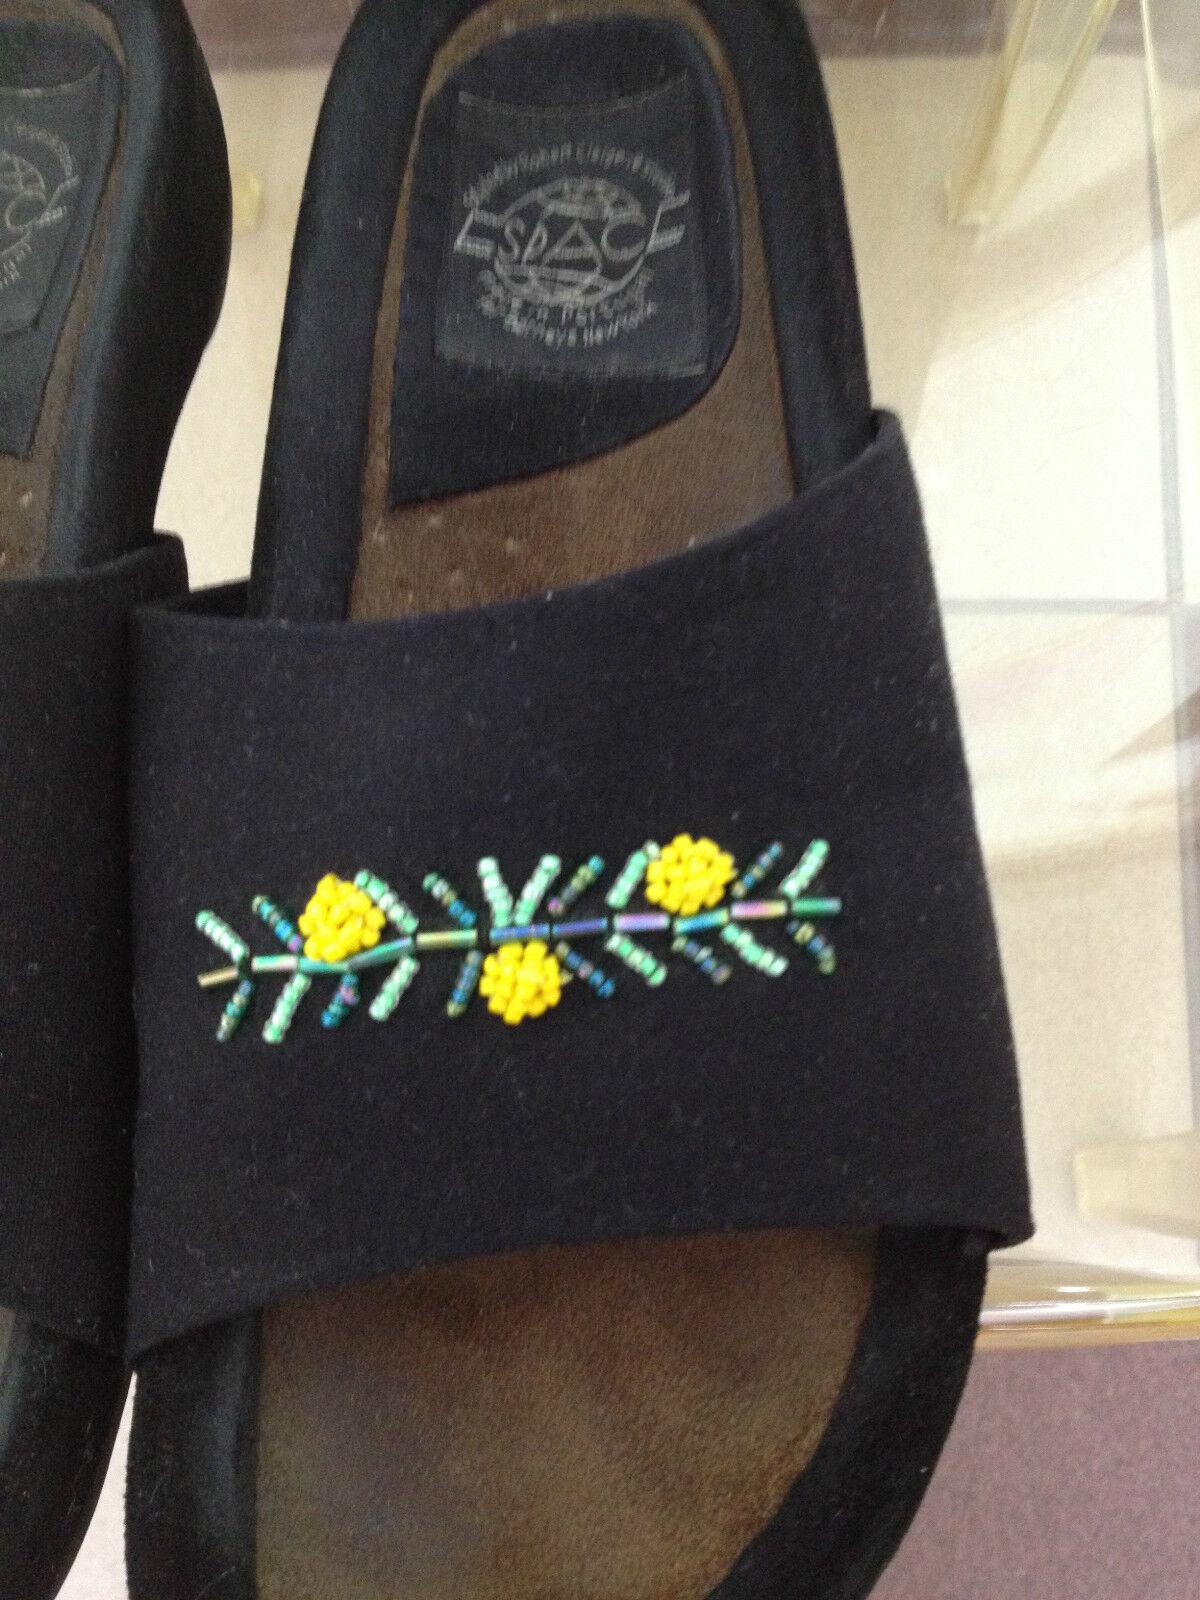 Donna  nero Espace Robert Clergerie Slides w giallo giallo giallo Seed Bead Detail Dimensione 8B 8bc752